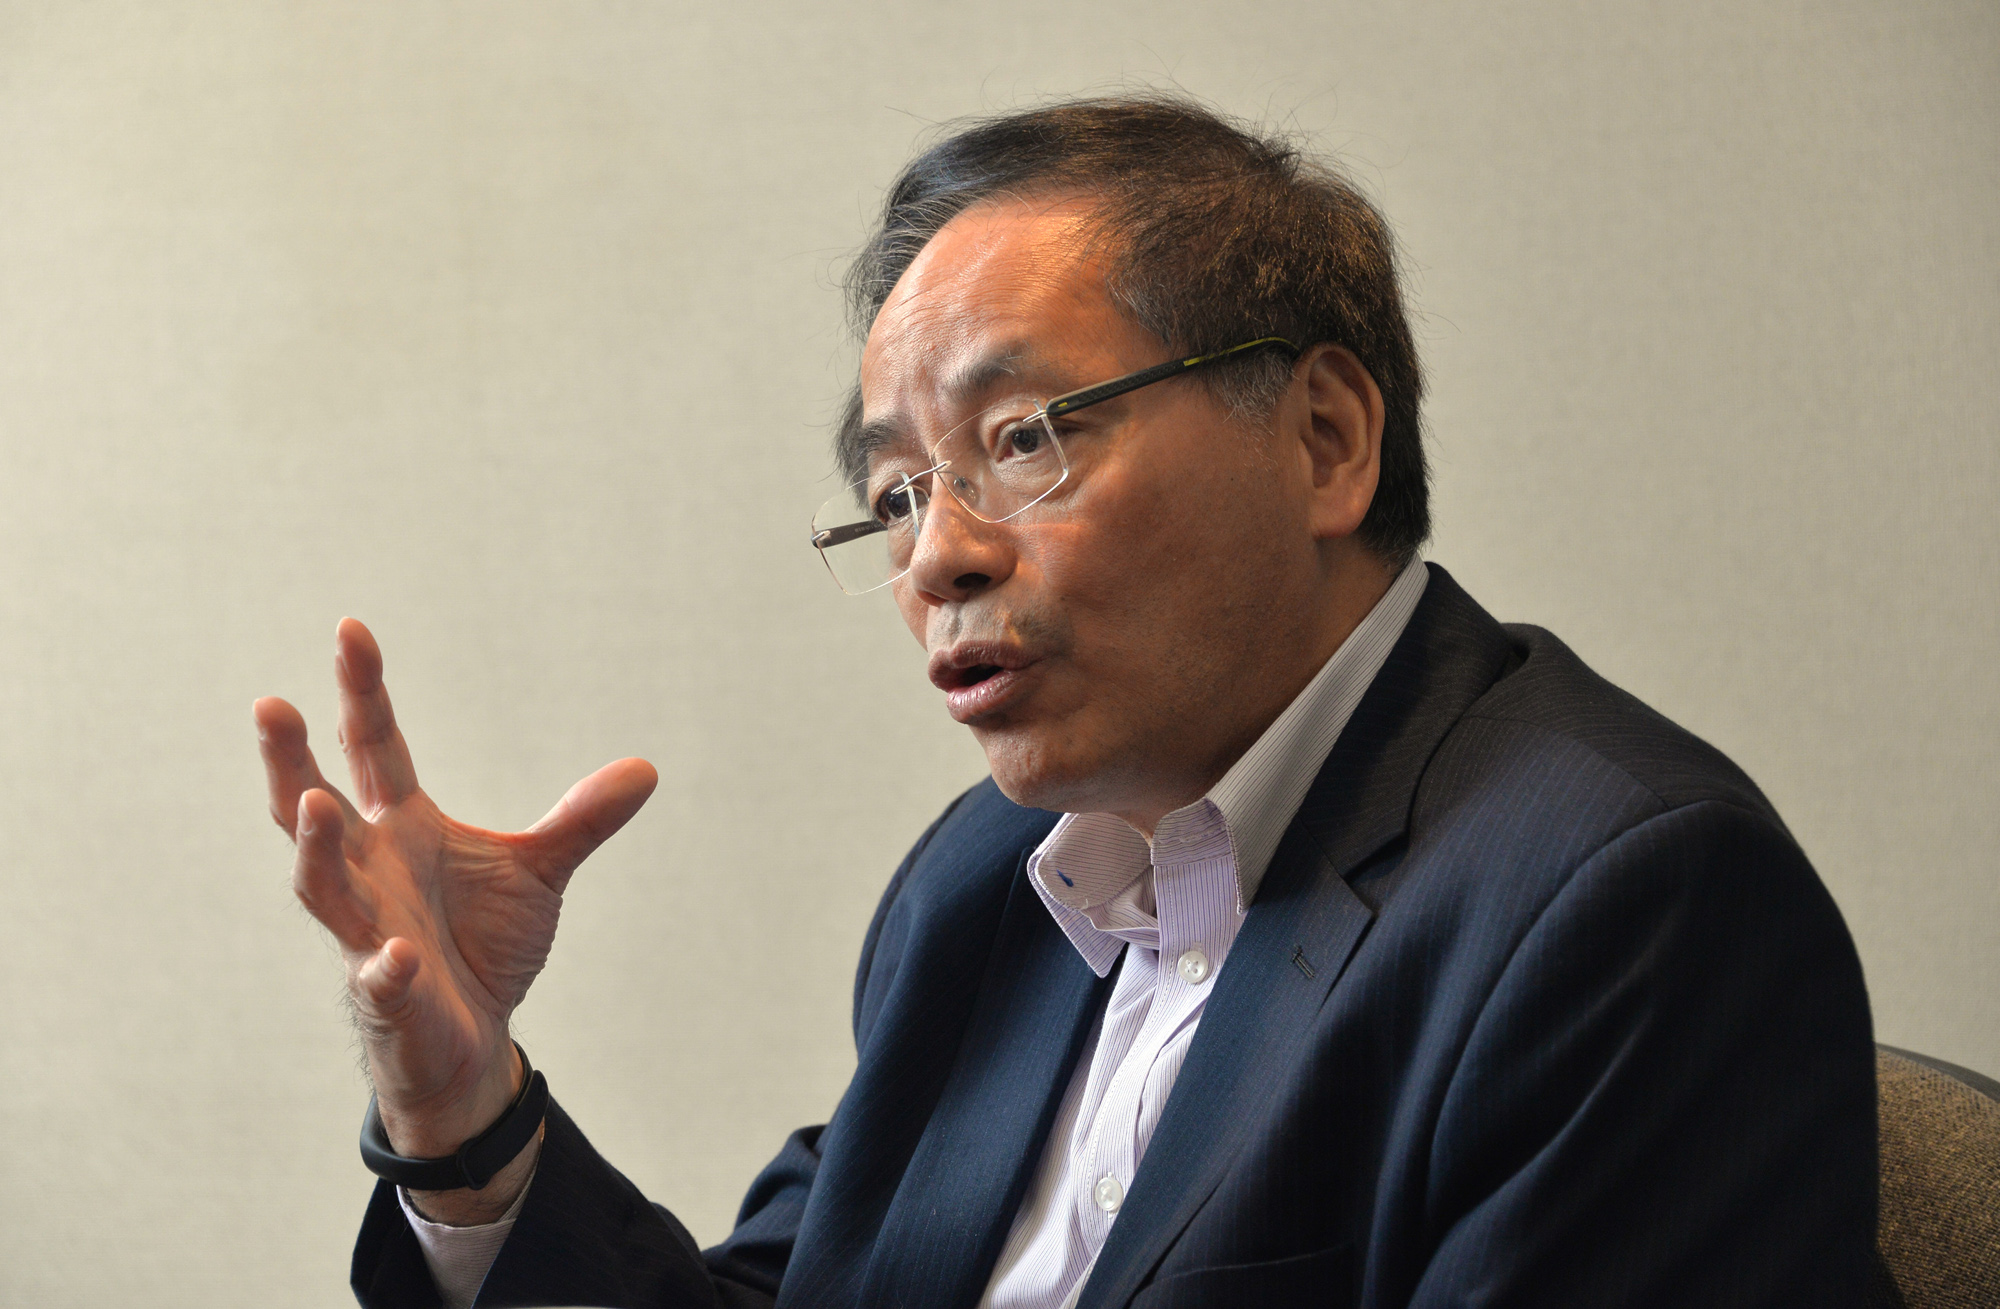 葉國謙表示,林鄭月娥會面時就推行修訂工作的不足而道歉,期間一度表現激動。 資料圖片